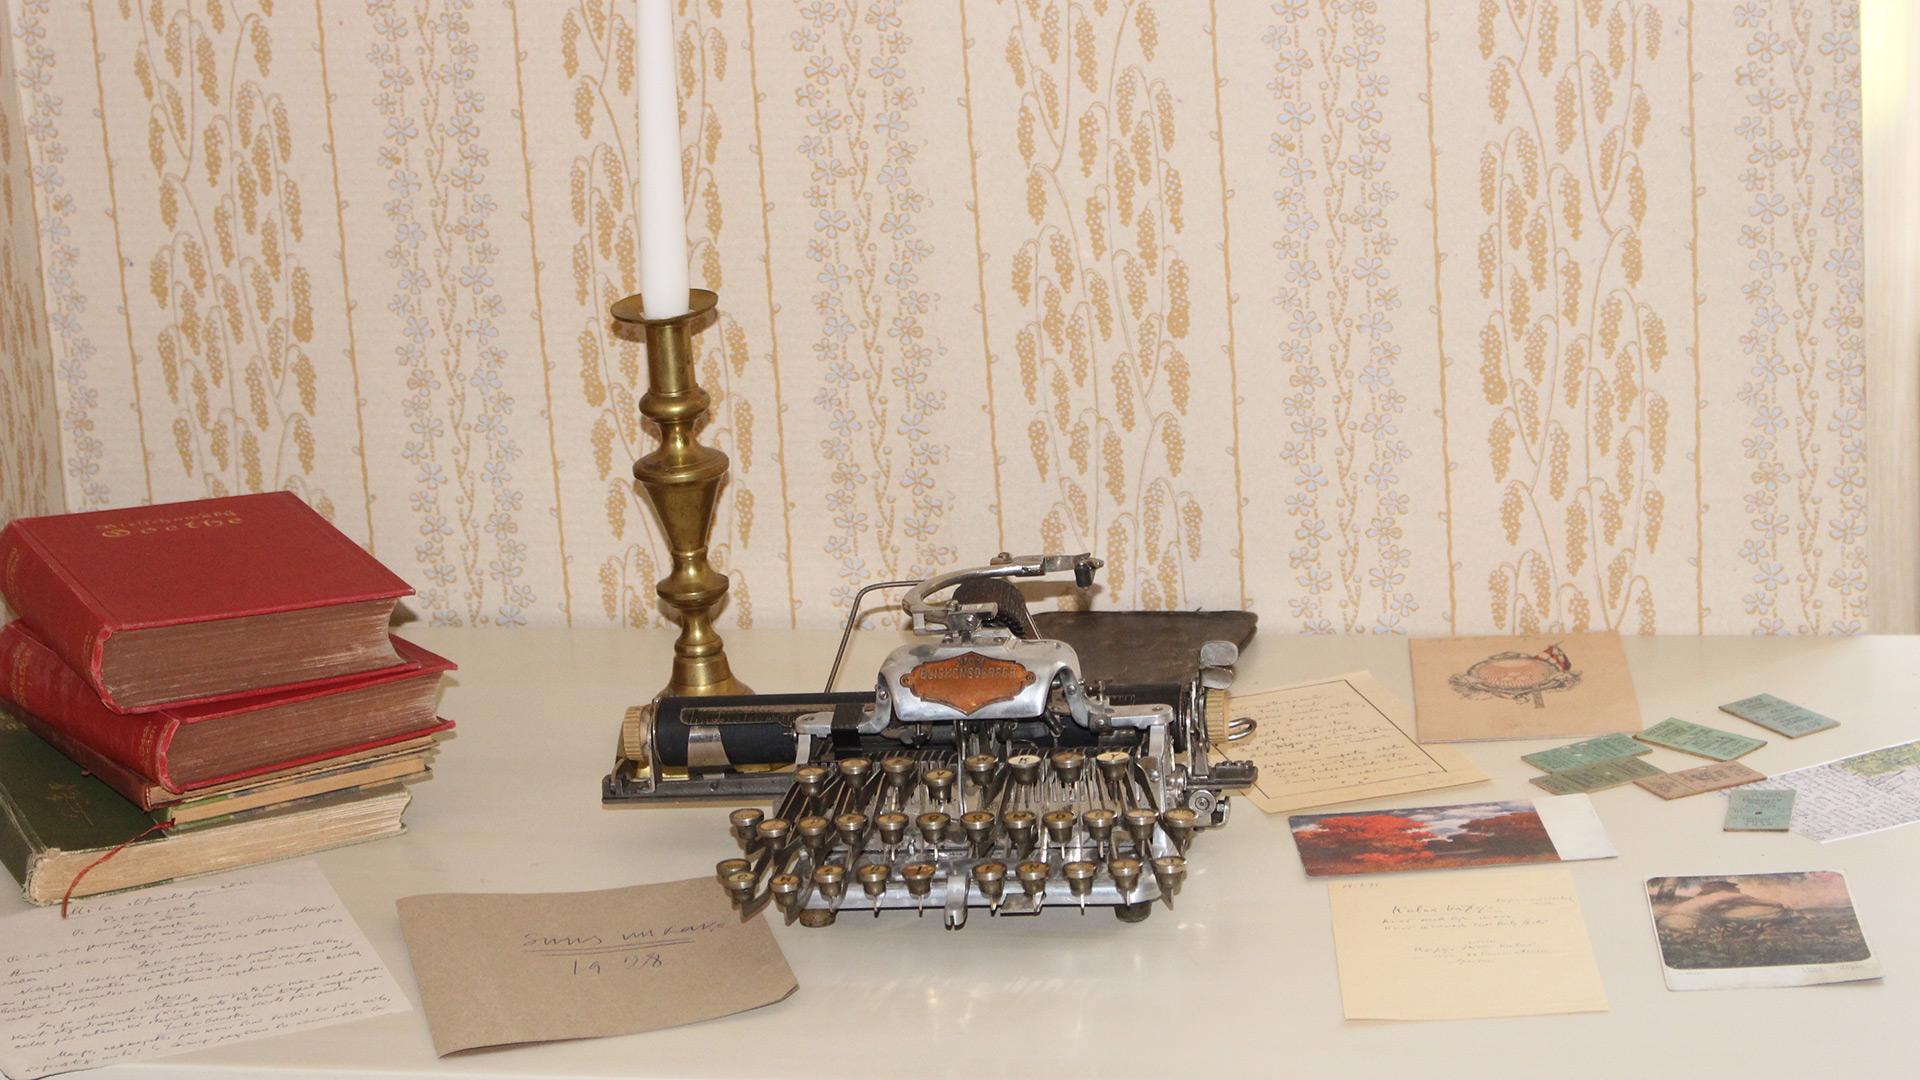 Bilde av Skrivebordet Til Rainis. Foto: Anja Heie, Riksantikvaren